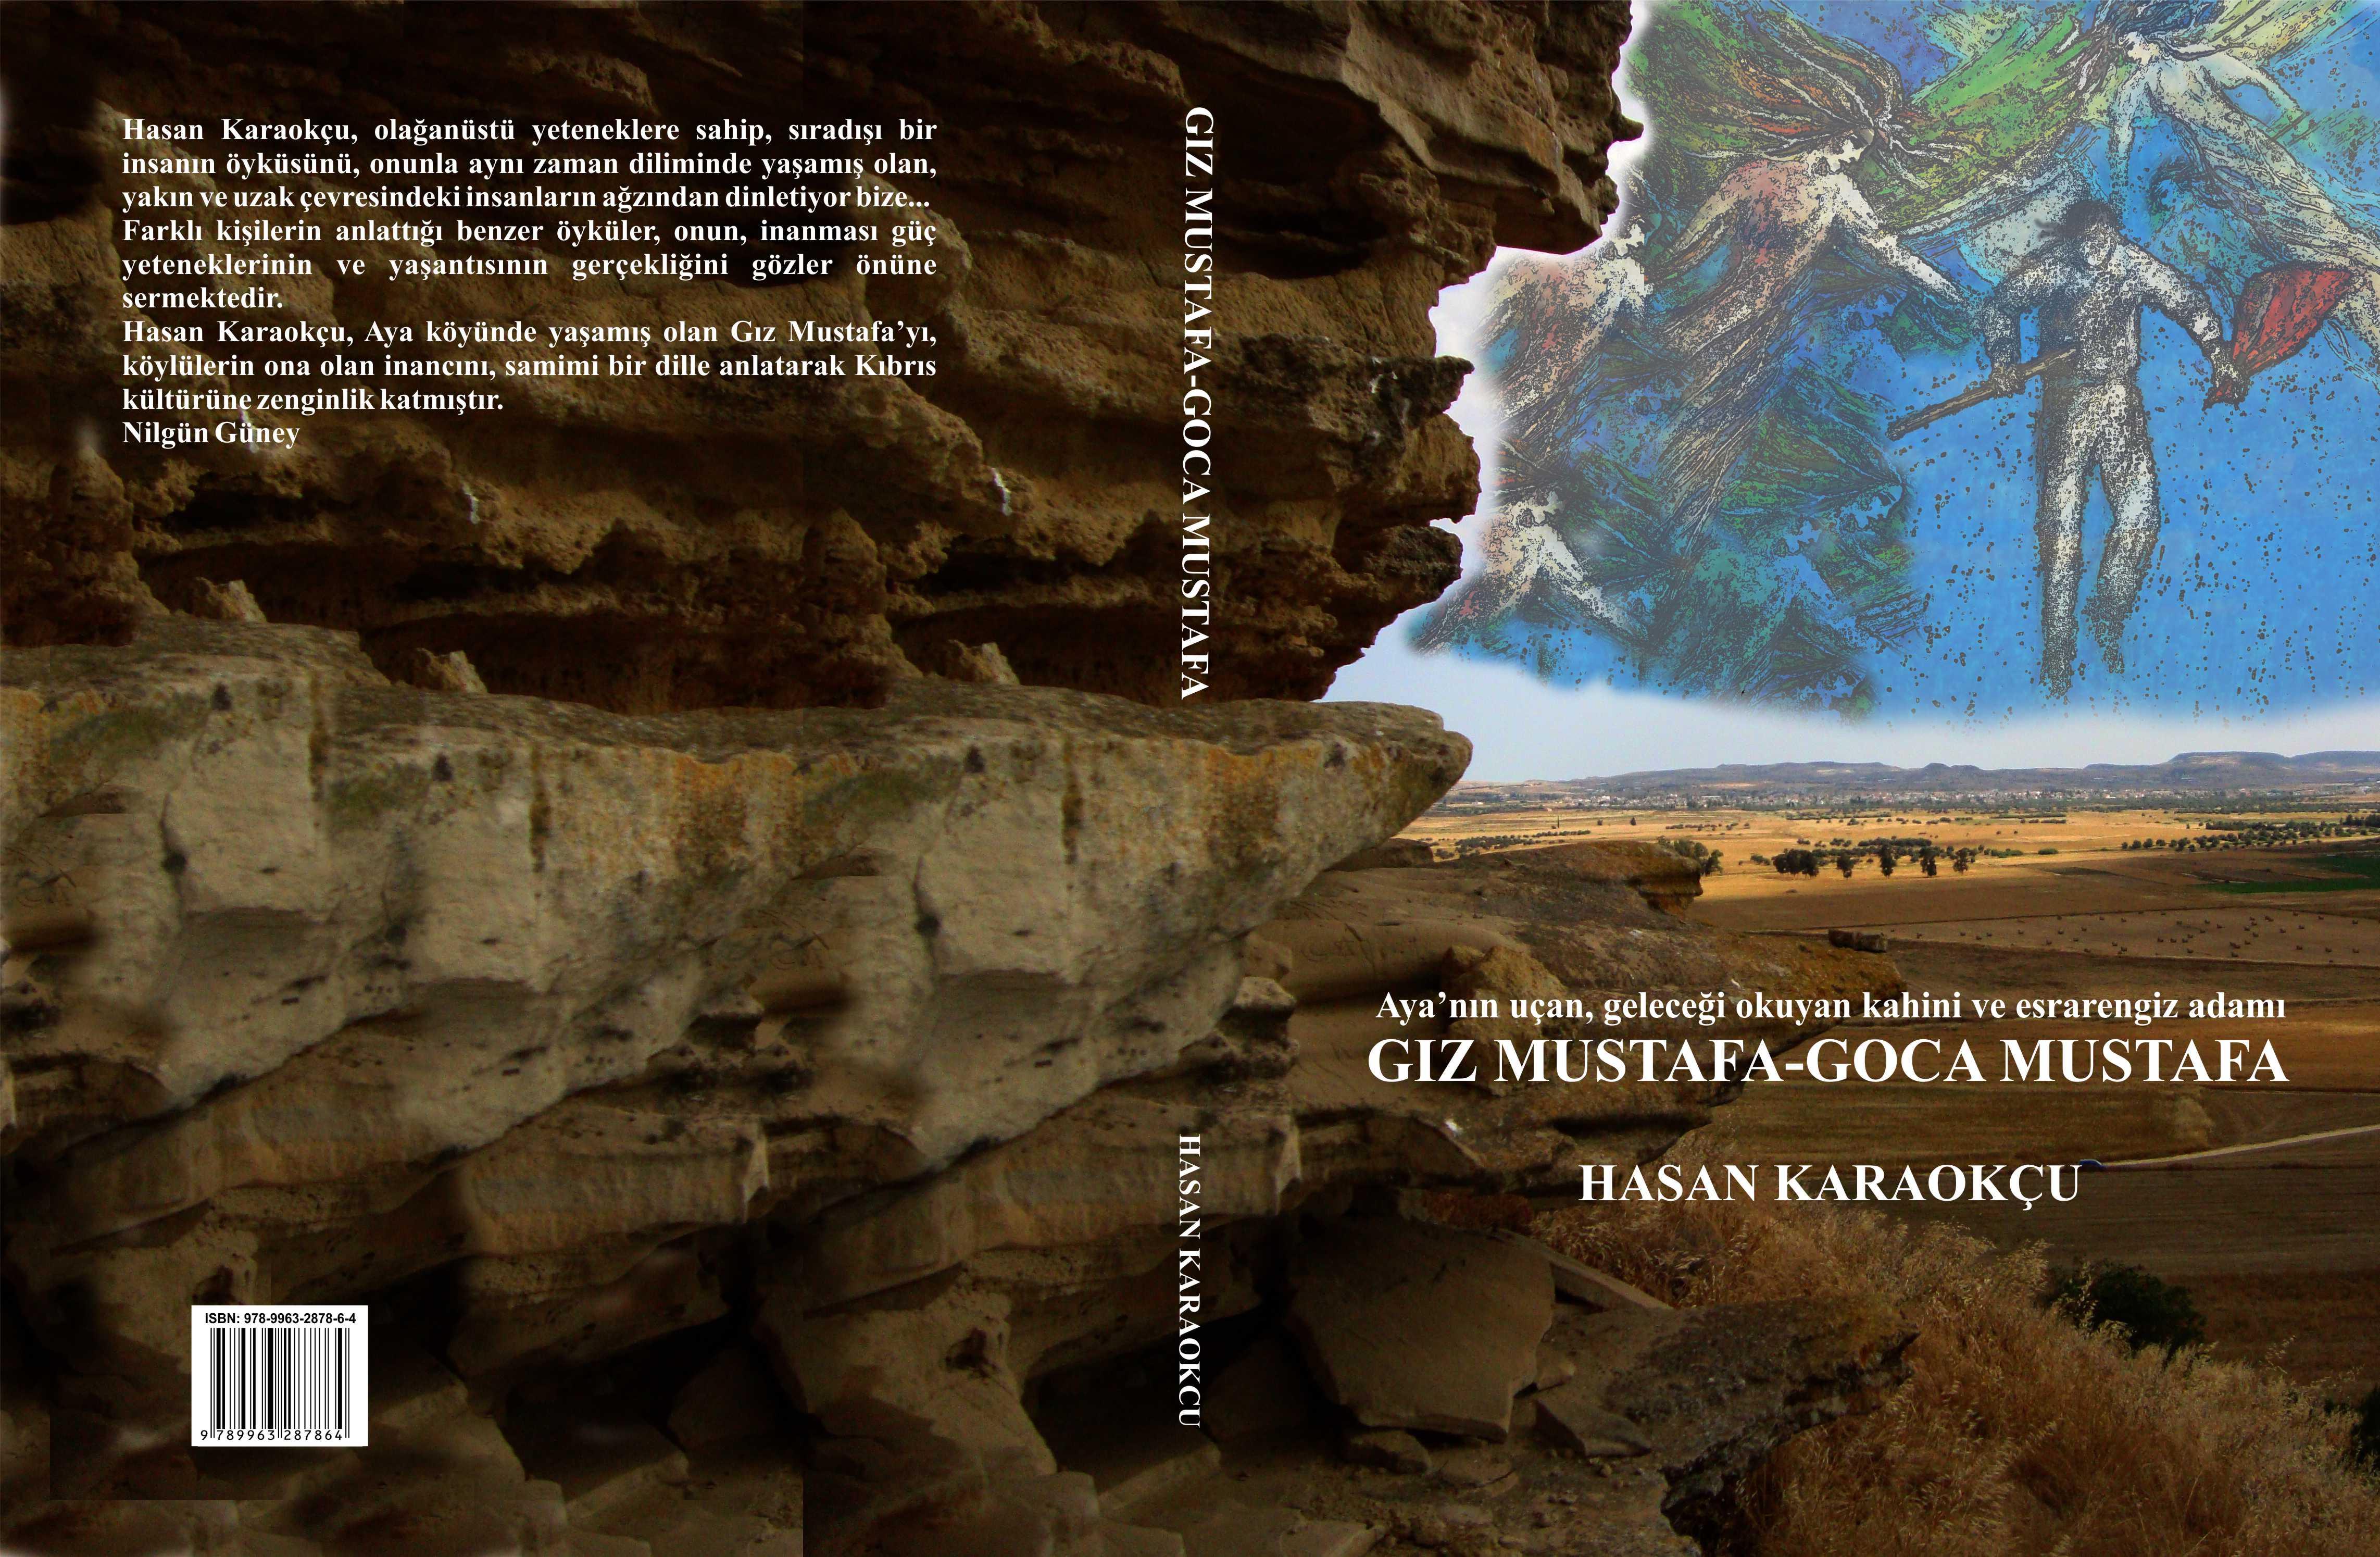 """""""GIZ MUSTAFA"""" KİTABININ TANITIM VE İMZA GÜNÜ ETKİNLİKLERİ..."""